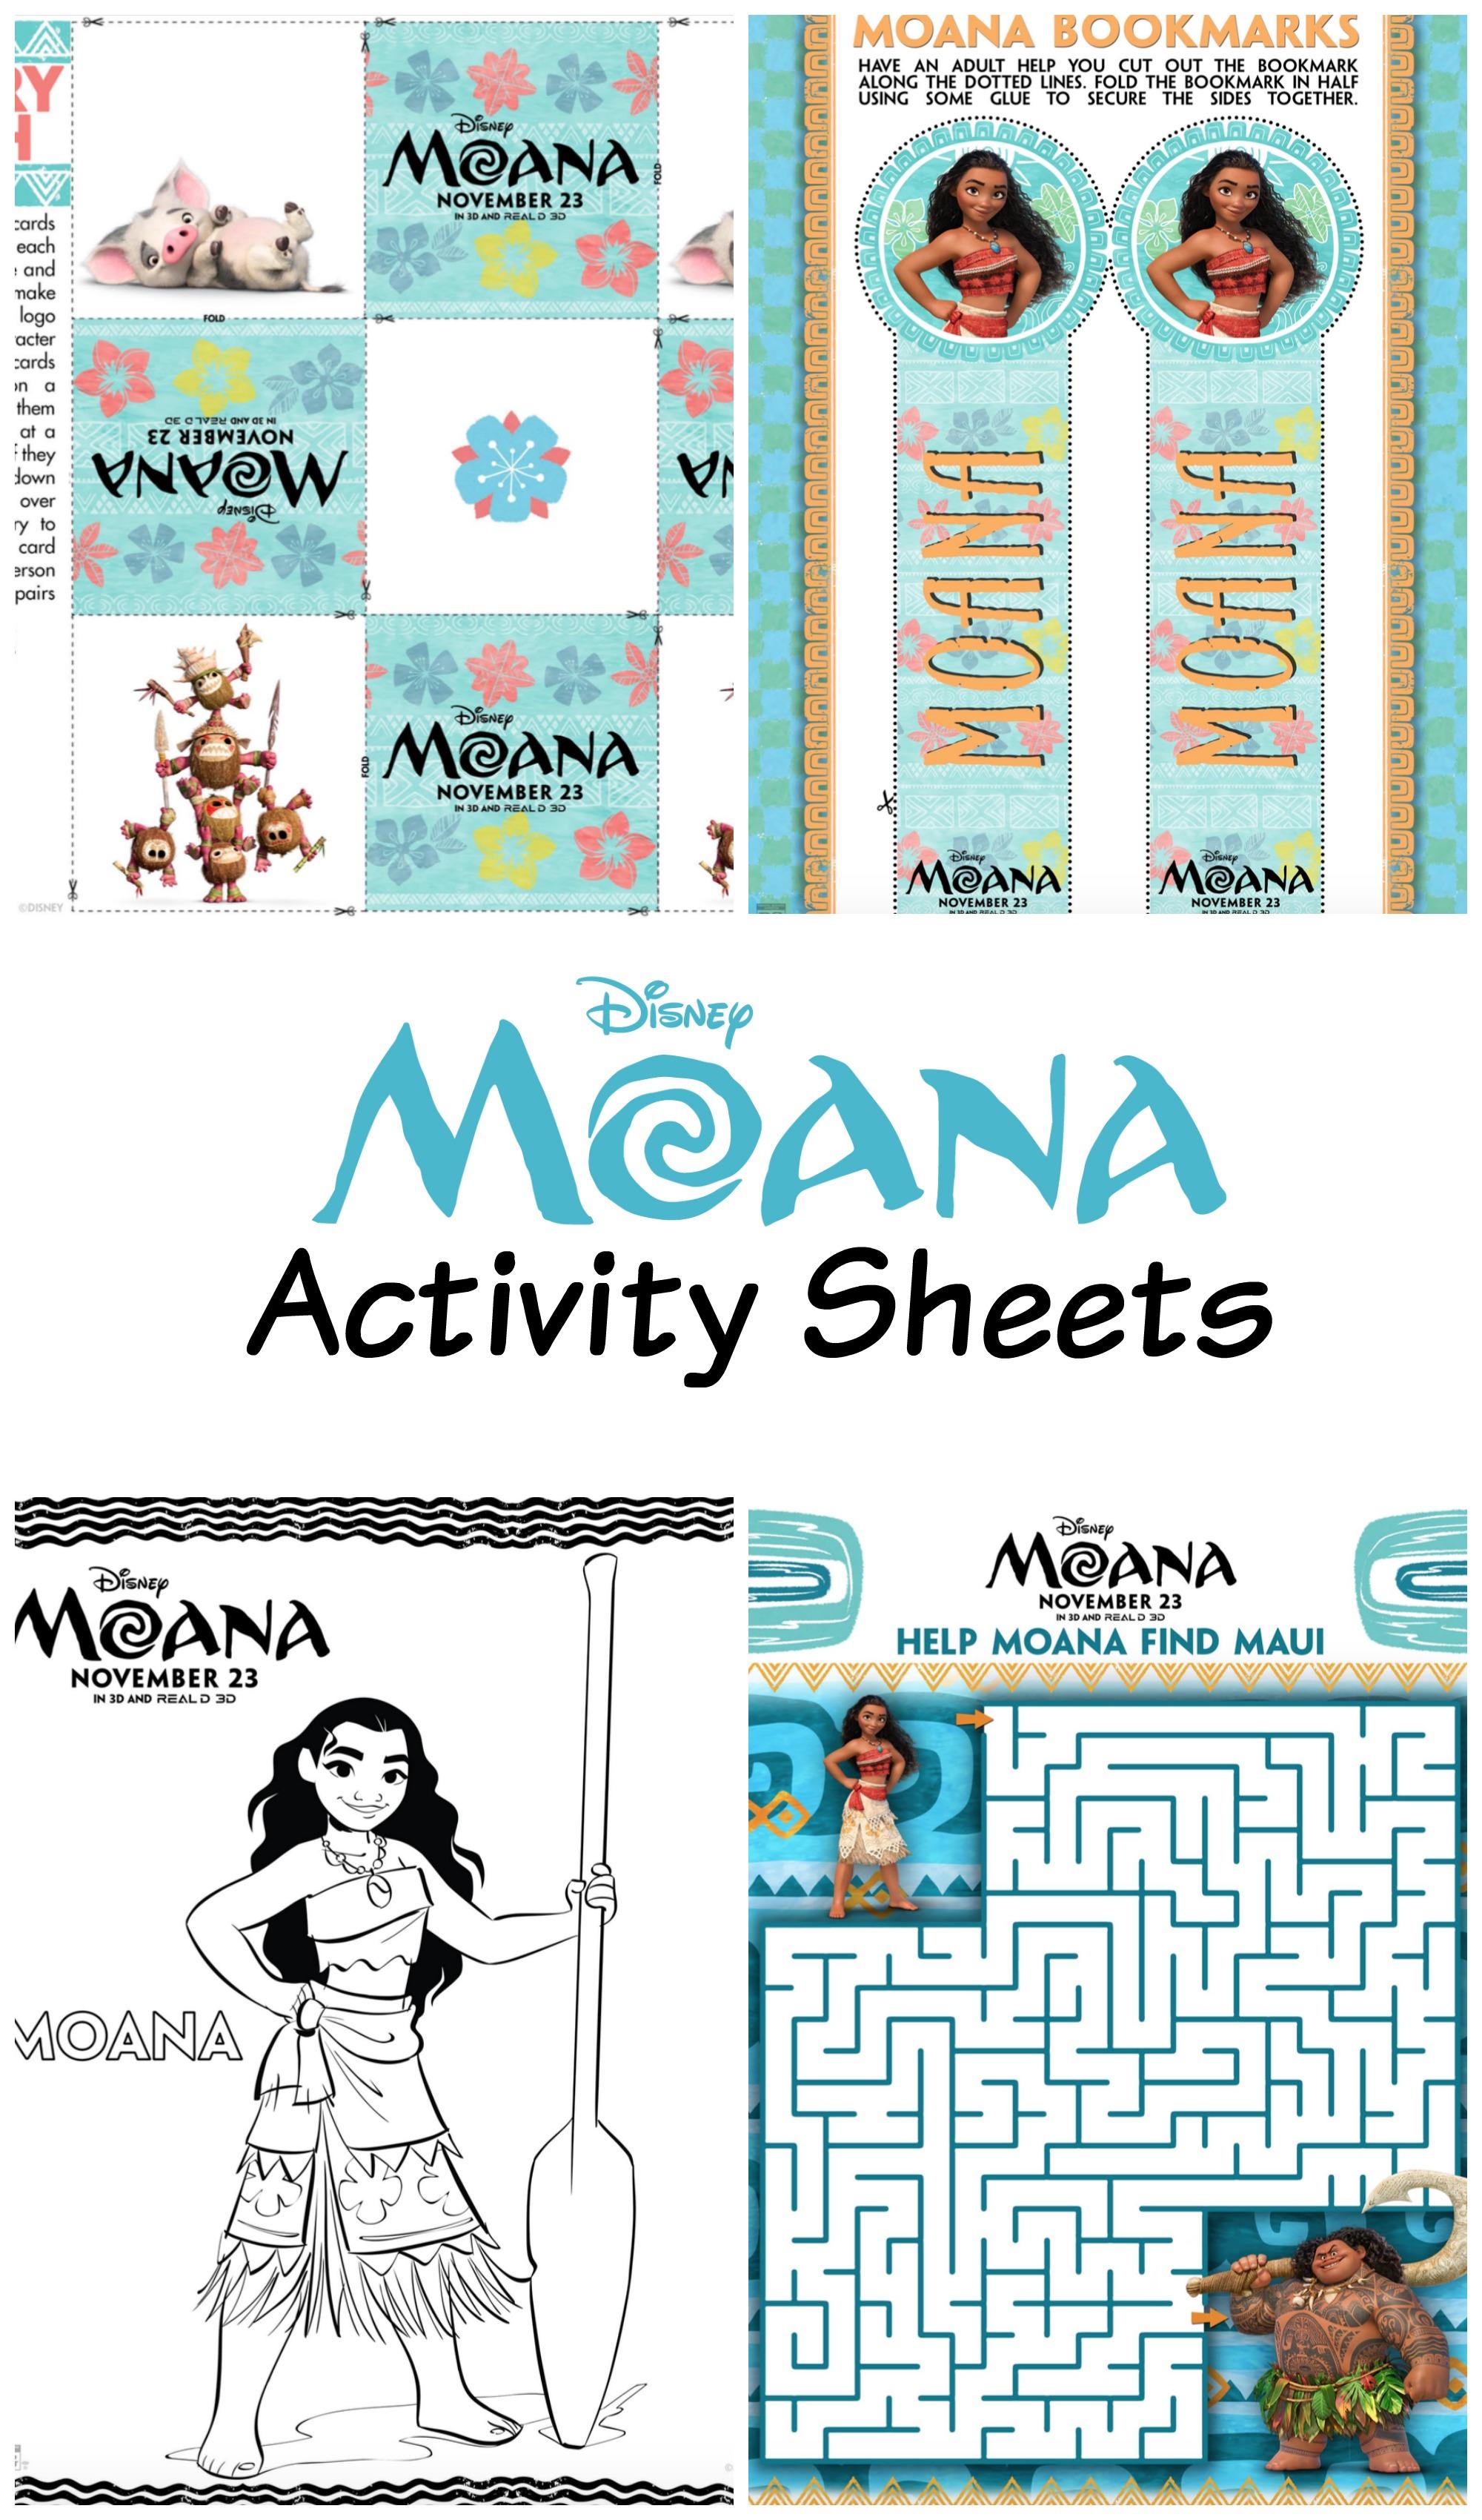 Disney S Moana Activity Sheets Moanaevent